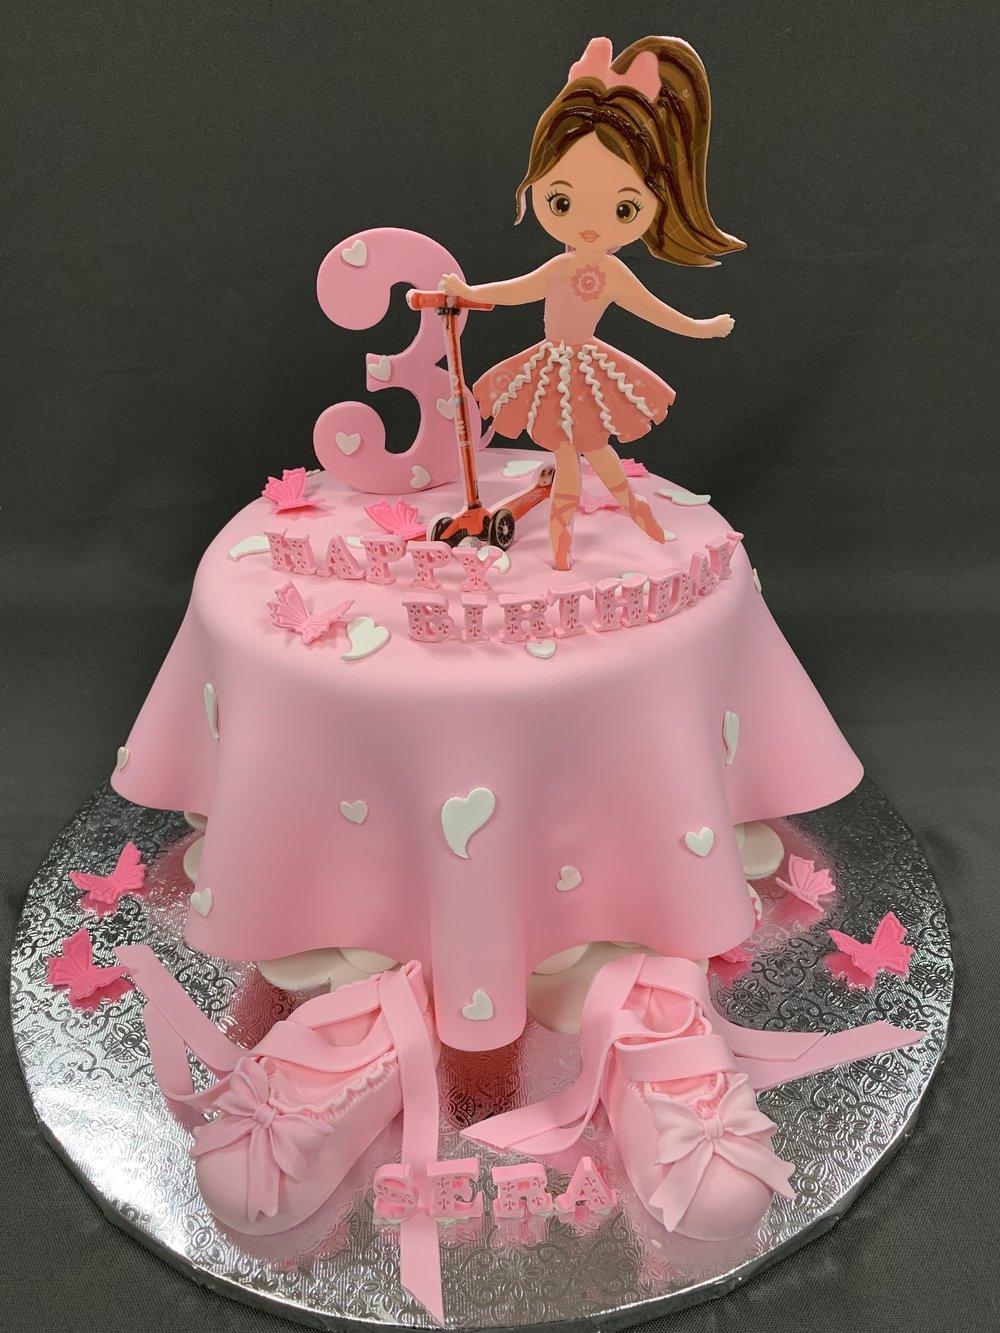 Best Little Ballet Dancer Cake NJ